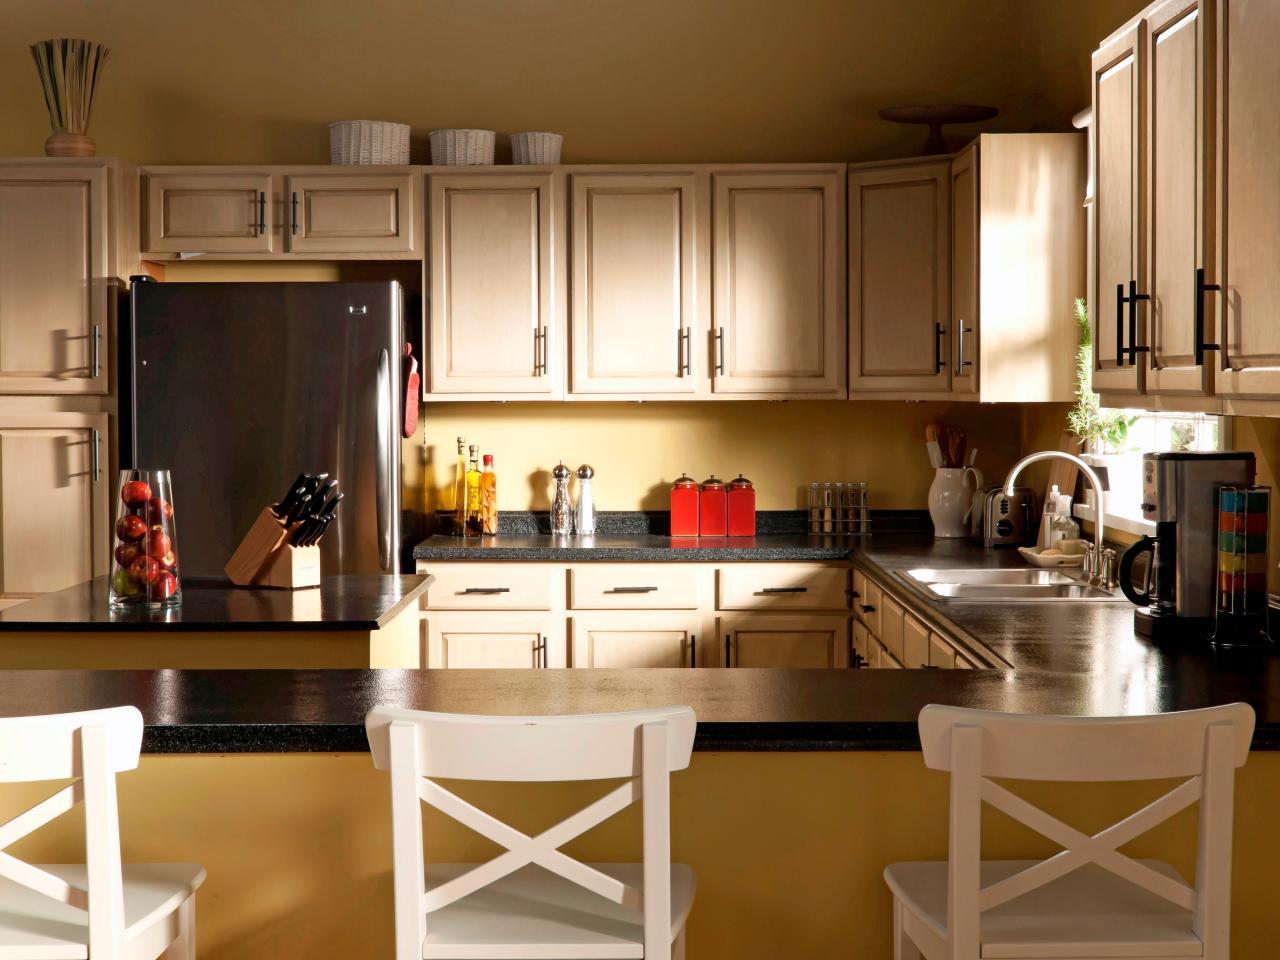 Кухня 14 кв. м с гарнитуром по периметру